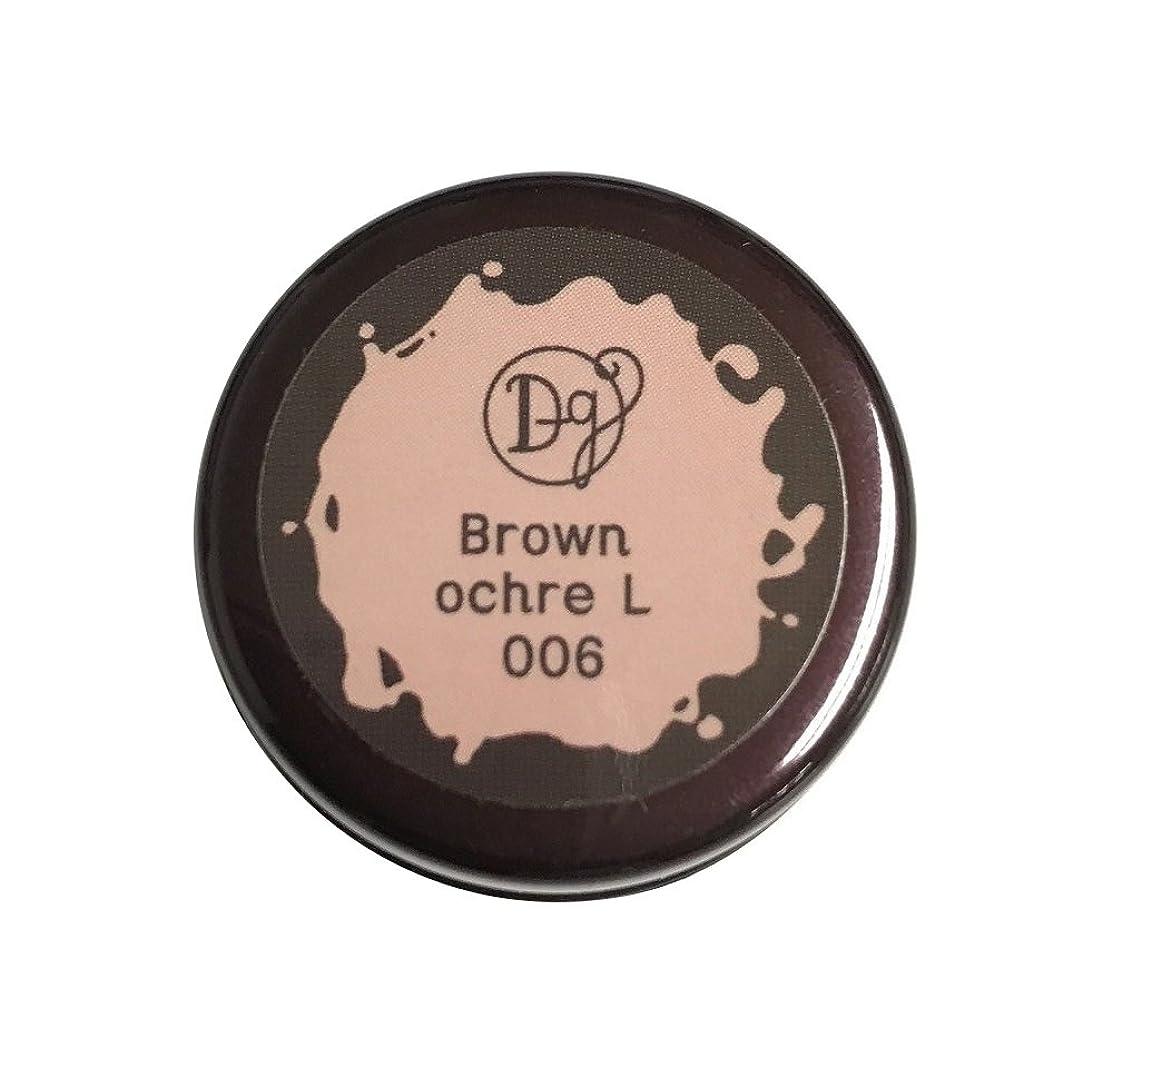 デコラガール カラージェル 006 ブラウンオーカーライト 3g